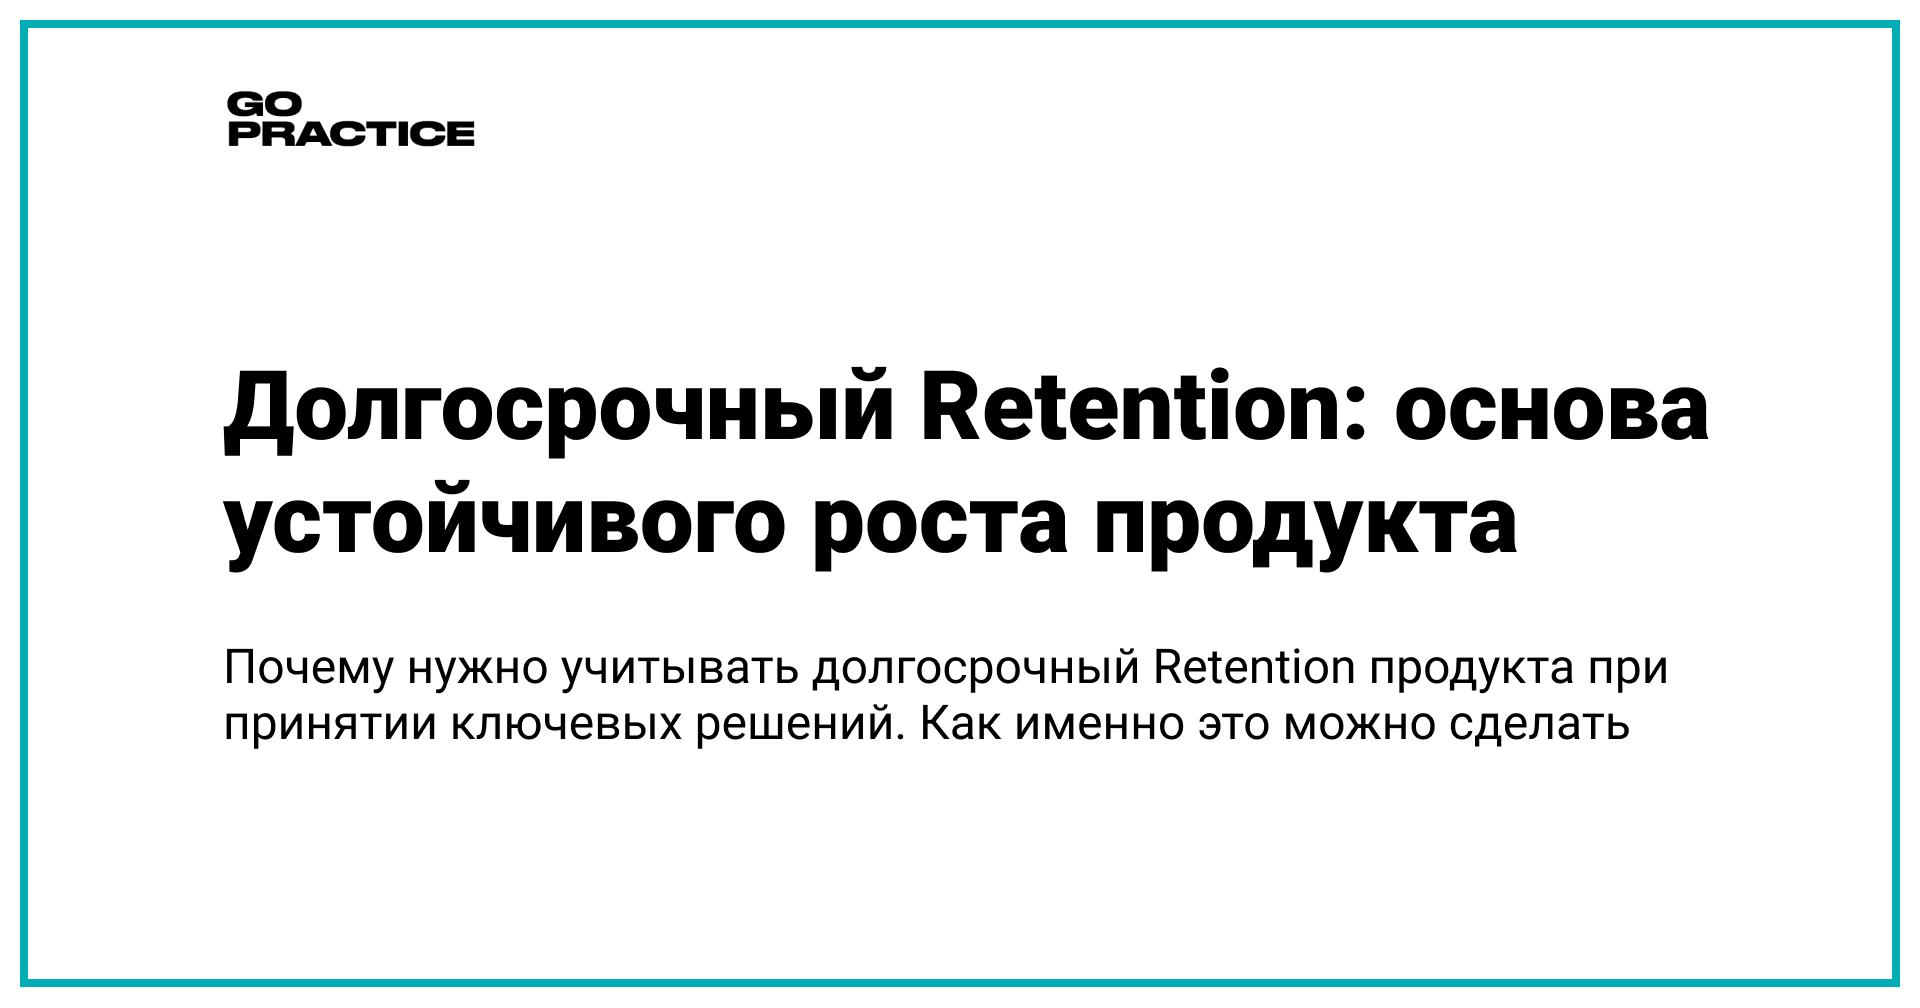 Долгосрочный Retention — основа устойчивого роста продукта